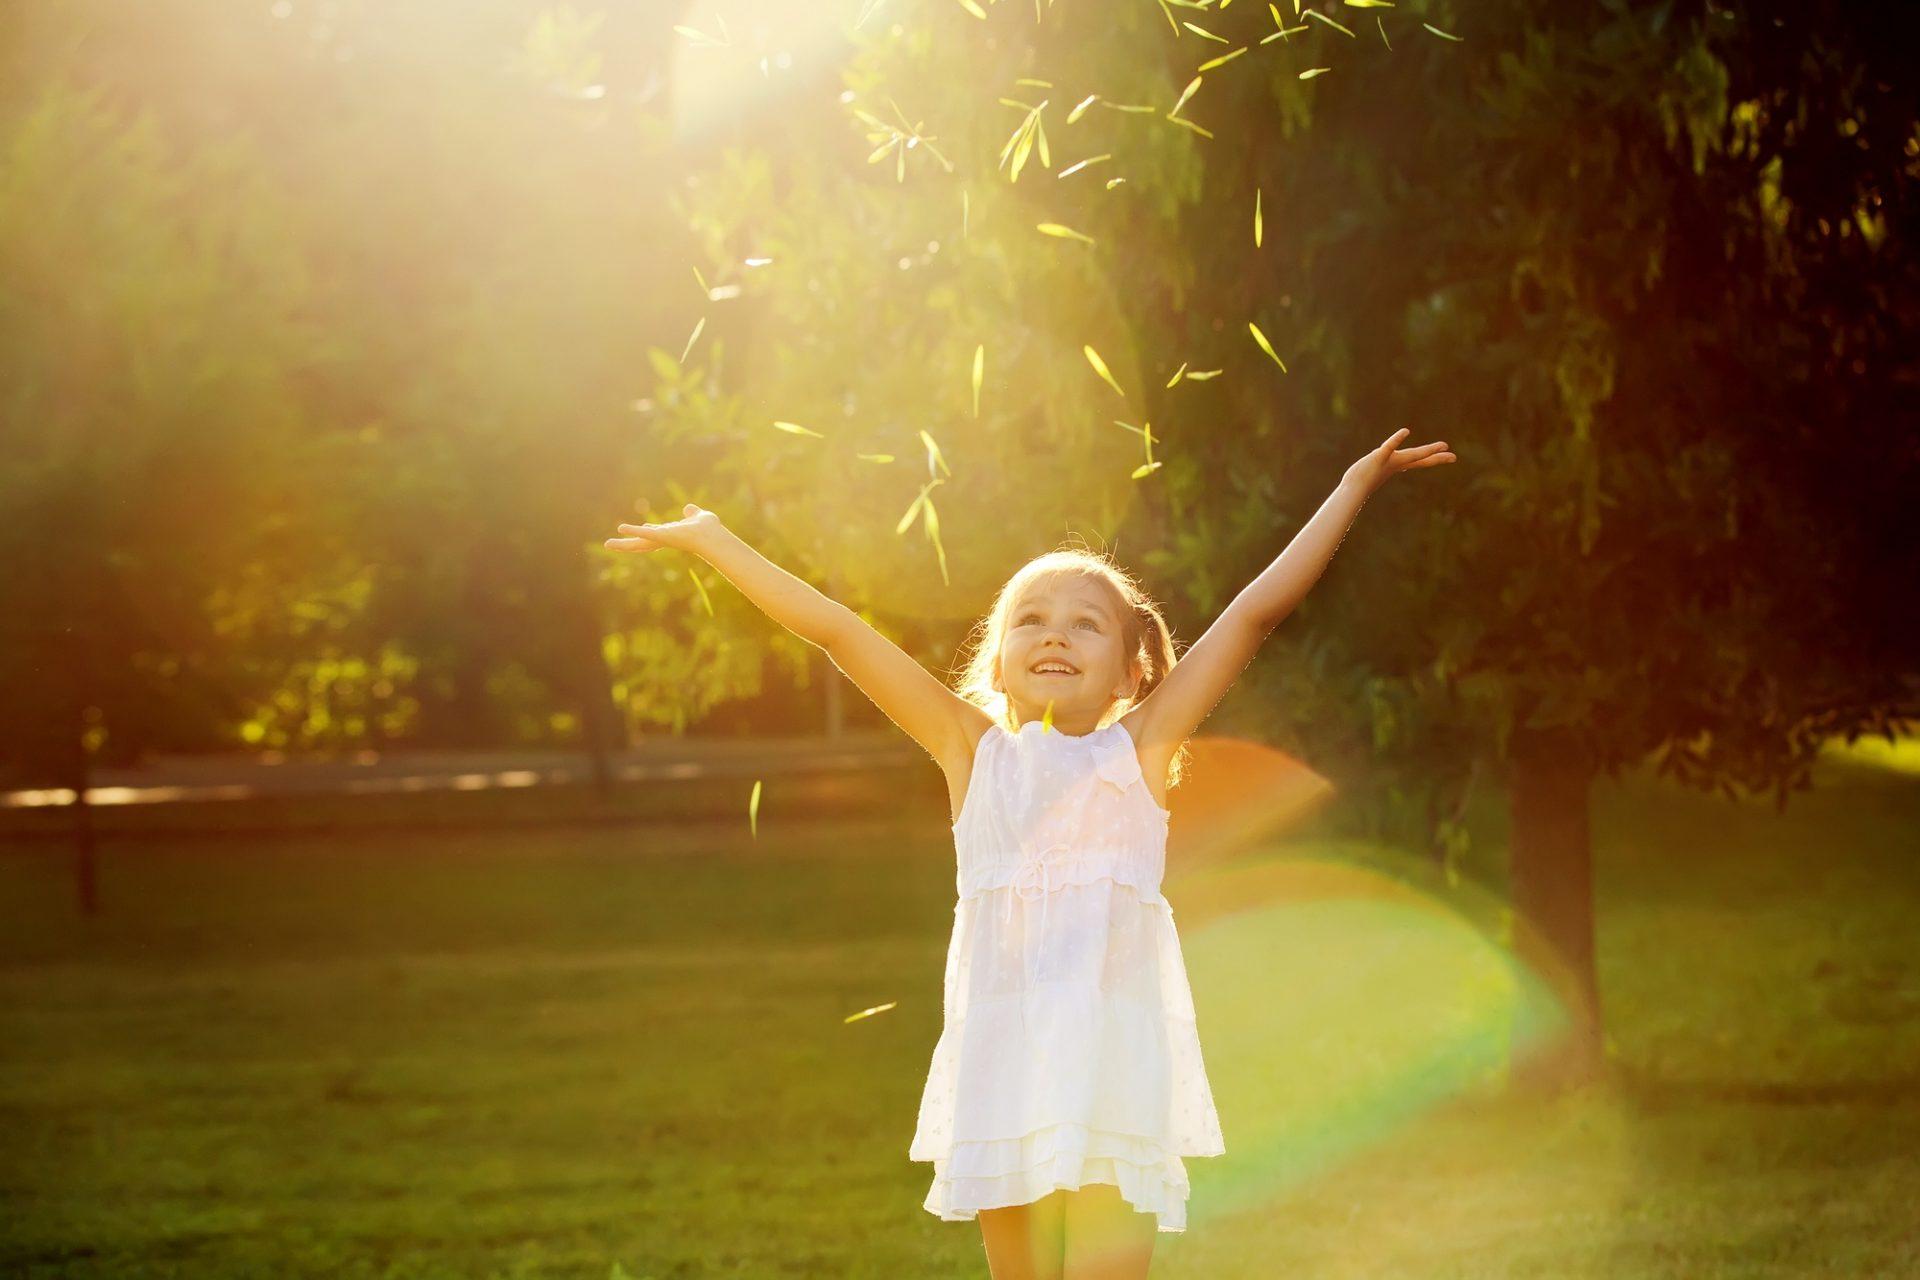 O sol e a vitamina d para criança